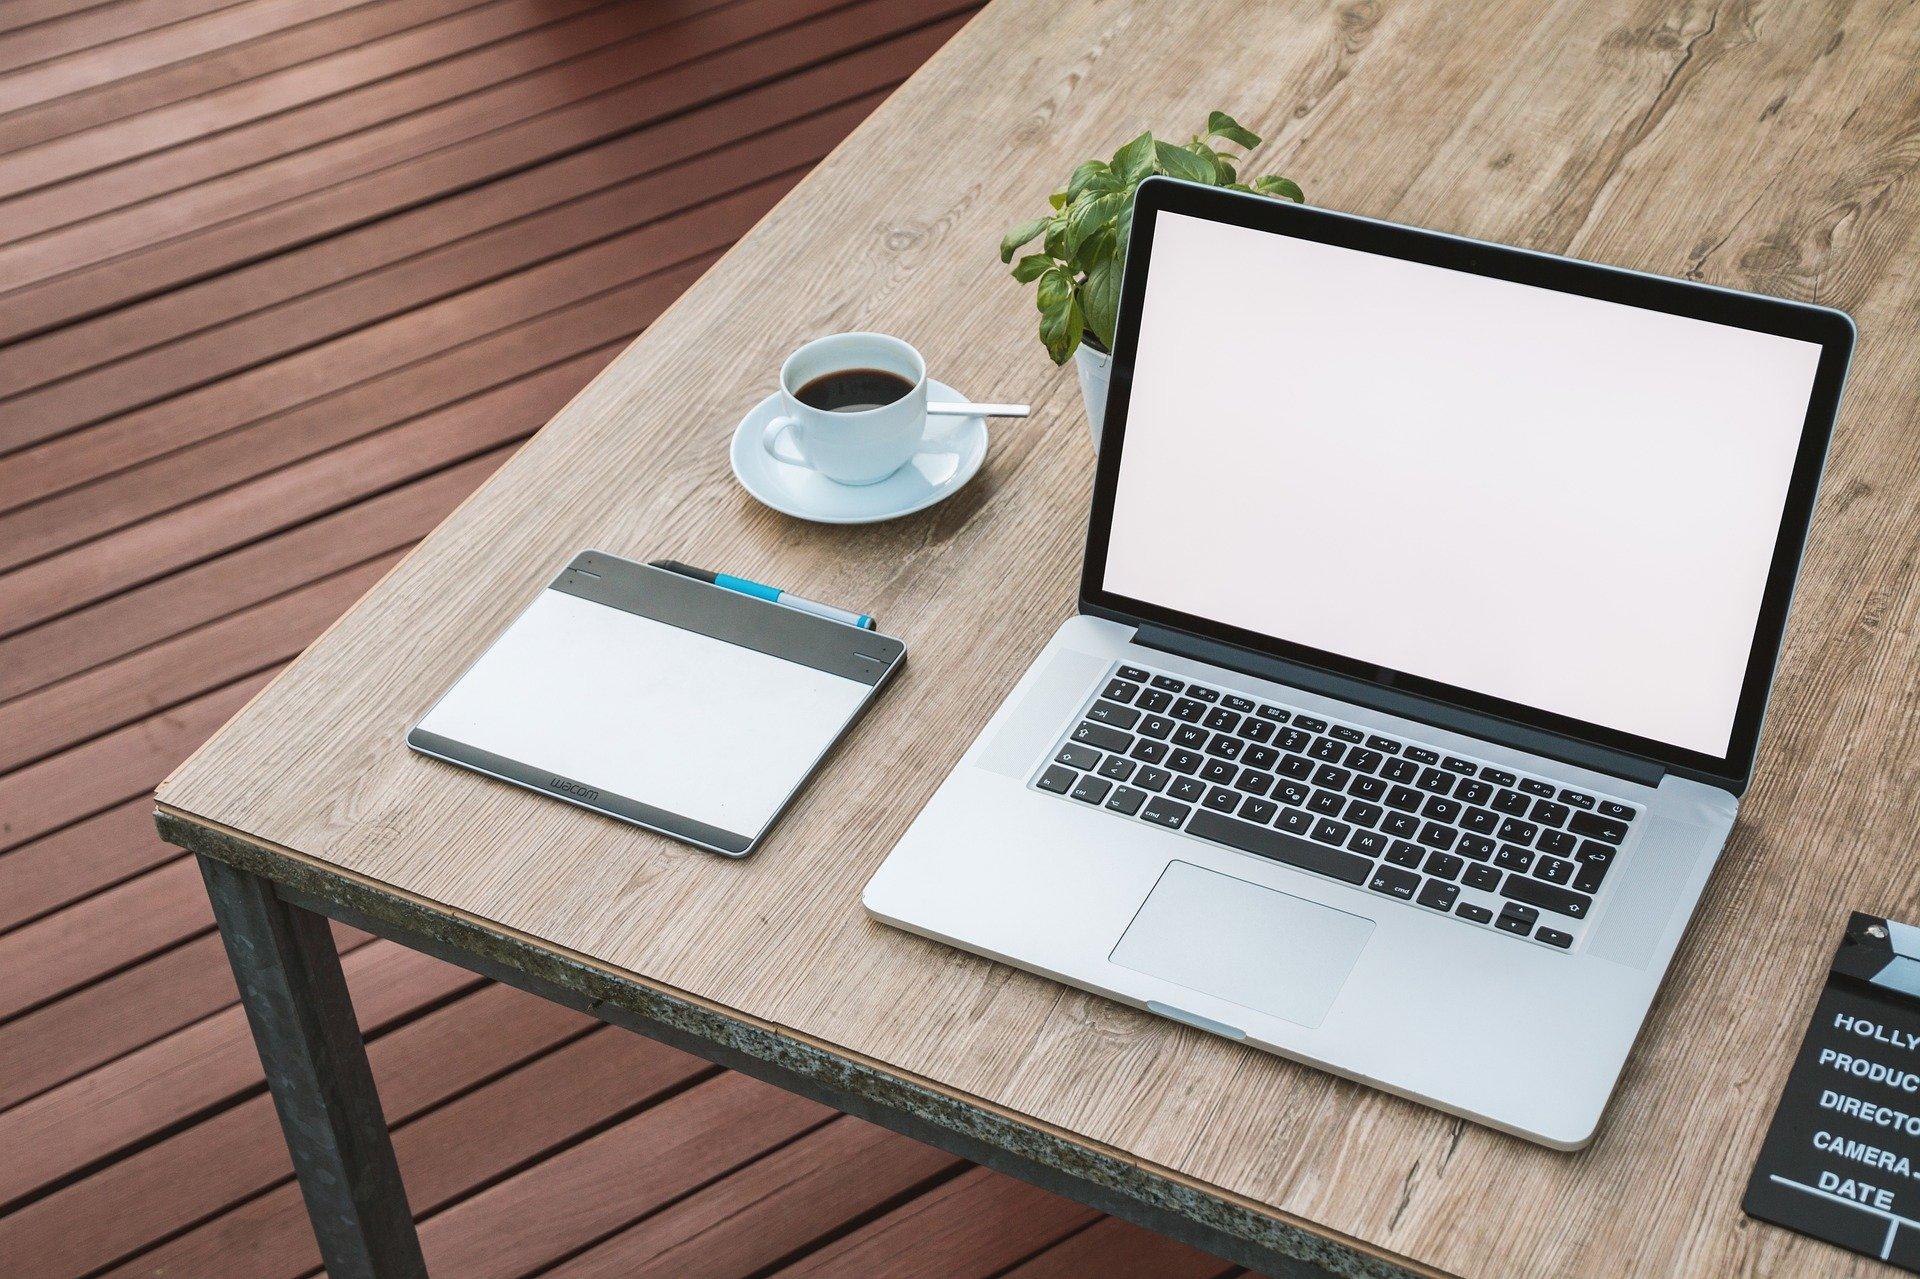 Imagem mostra uma mesa digitalizadora ao lado de um notebook e uma xícara de café.